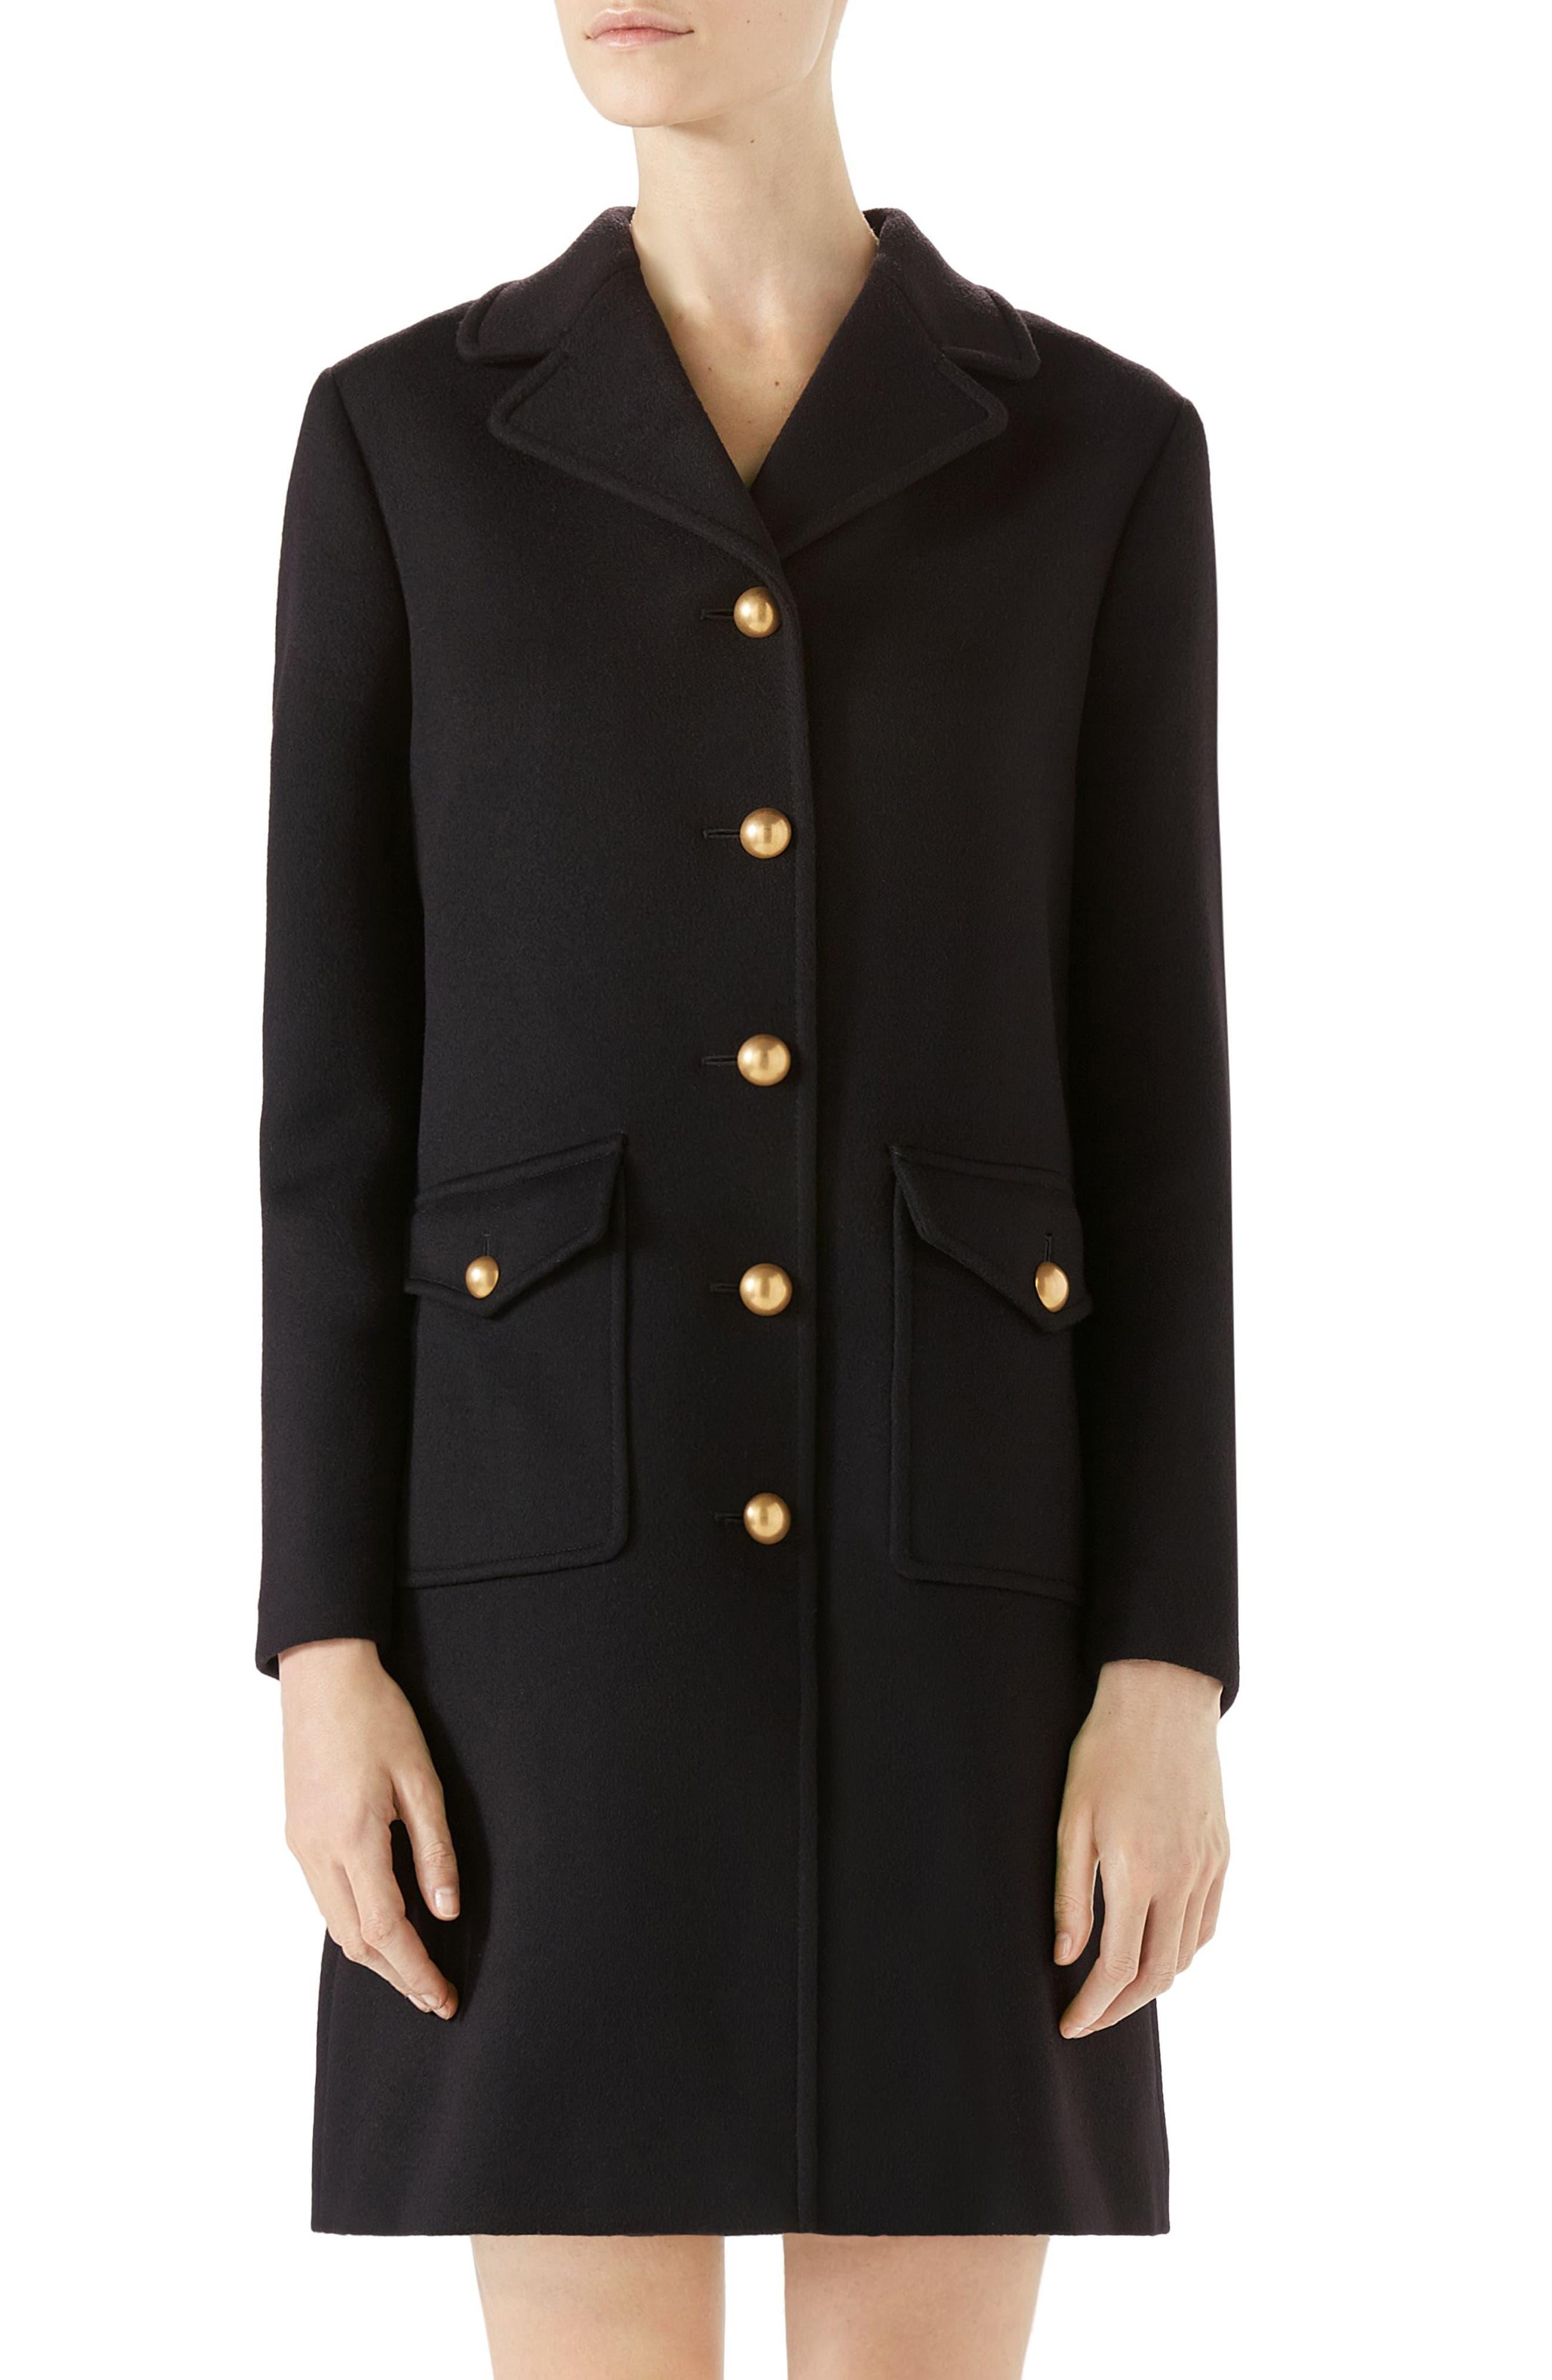 GG Wool Coat,                         Main,                         color, Black